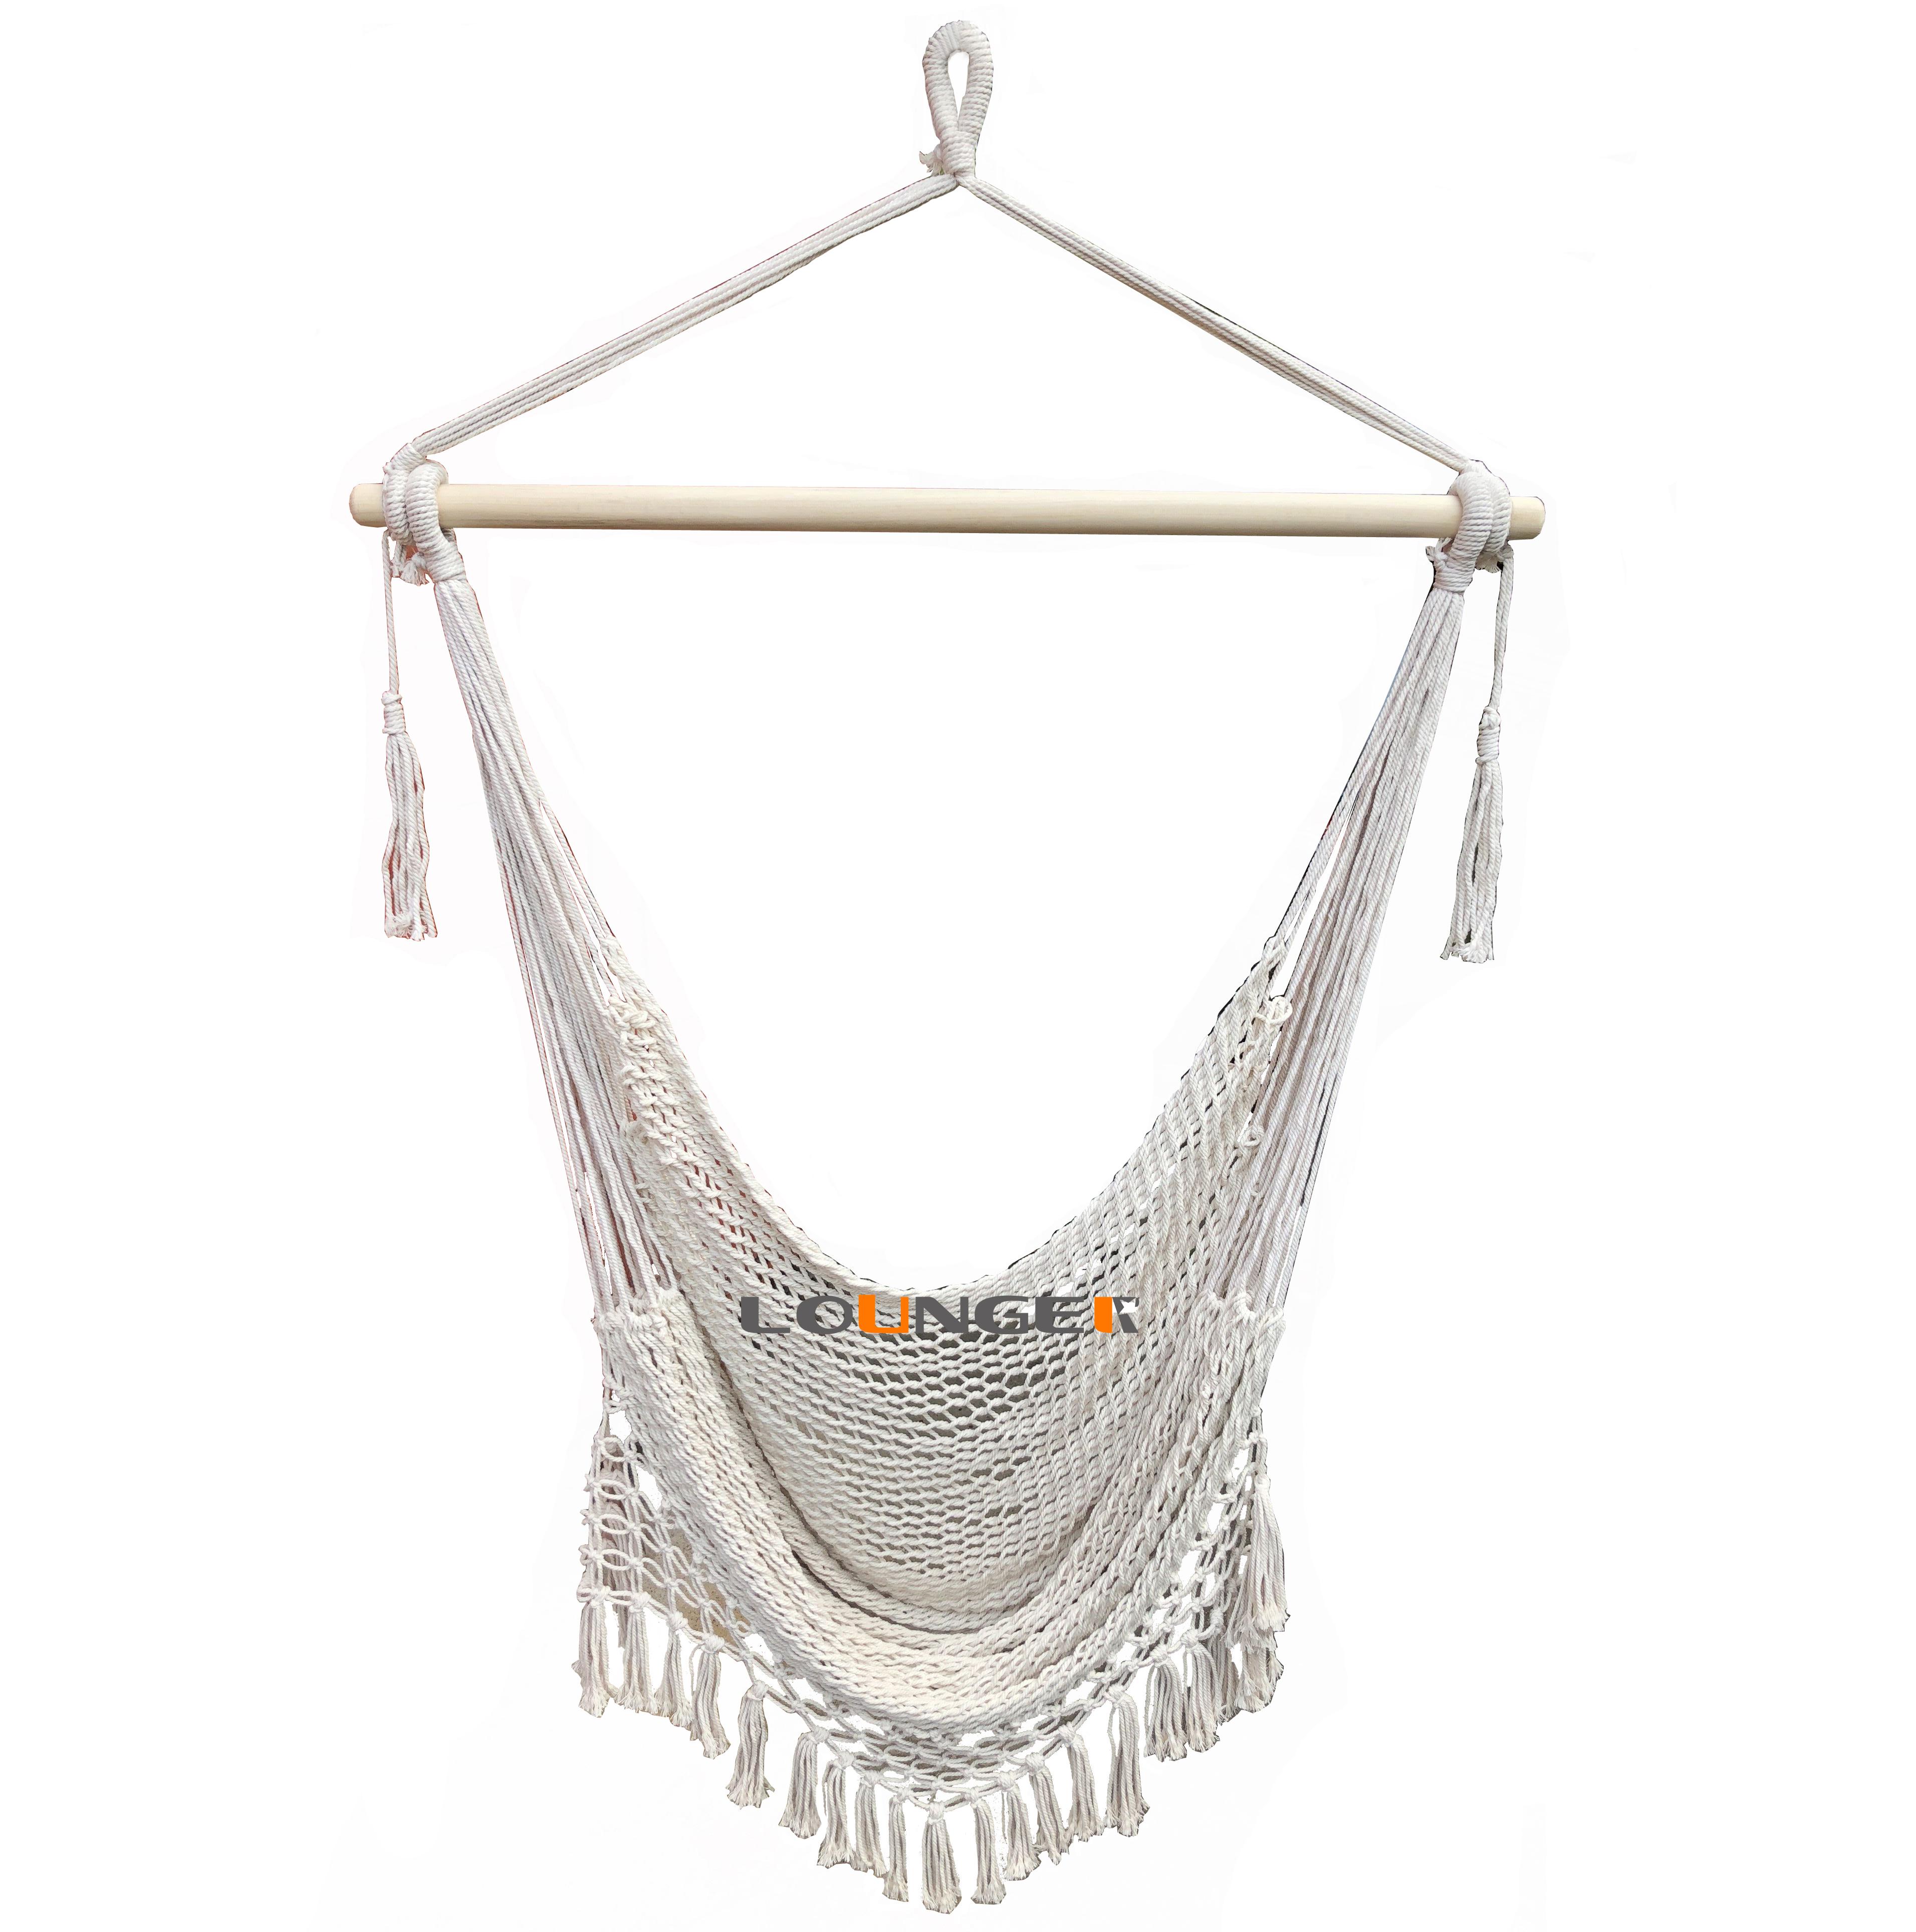 Handgemachte baumwolle poly seil garten terrasse schaukel mit macrame